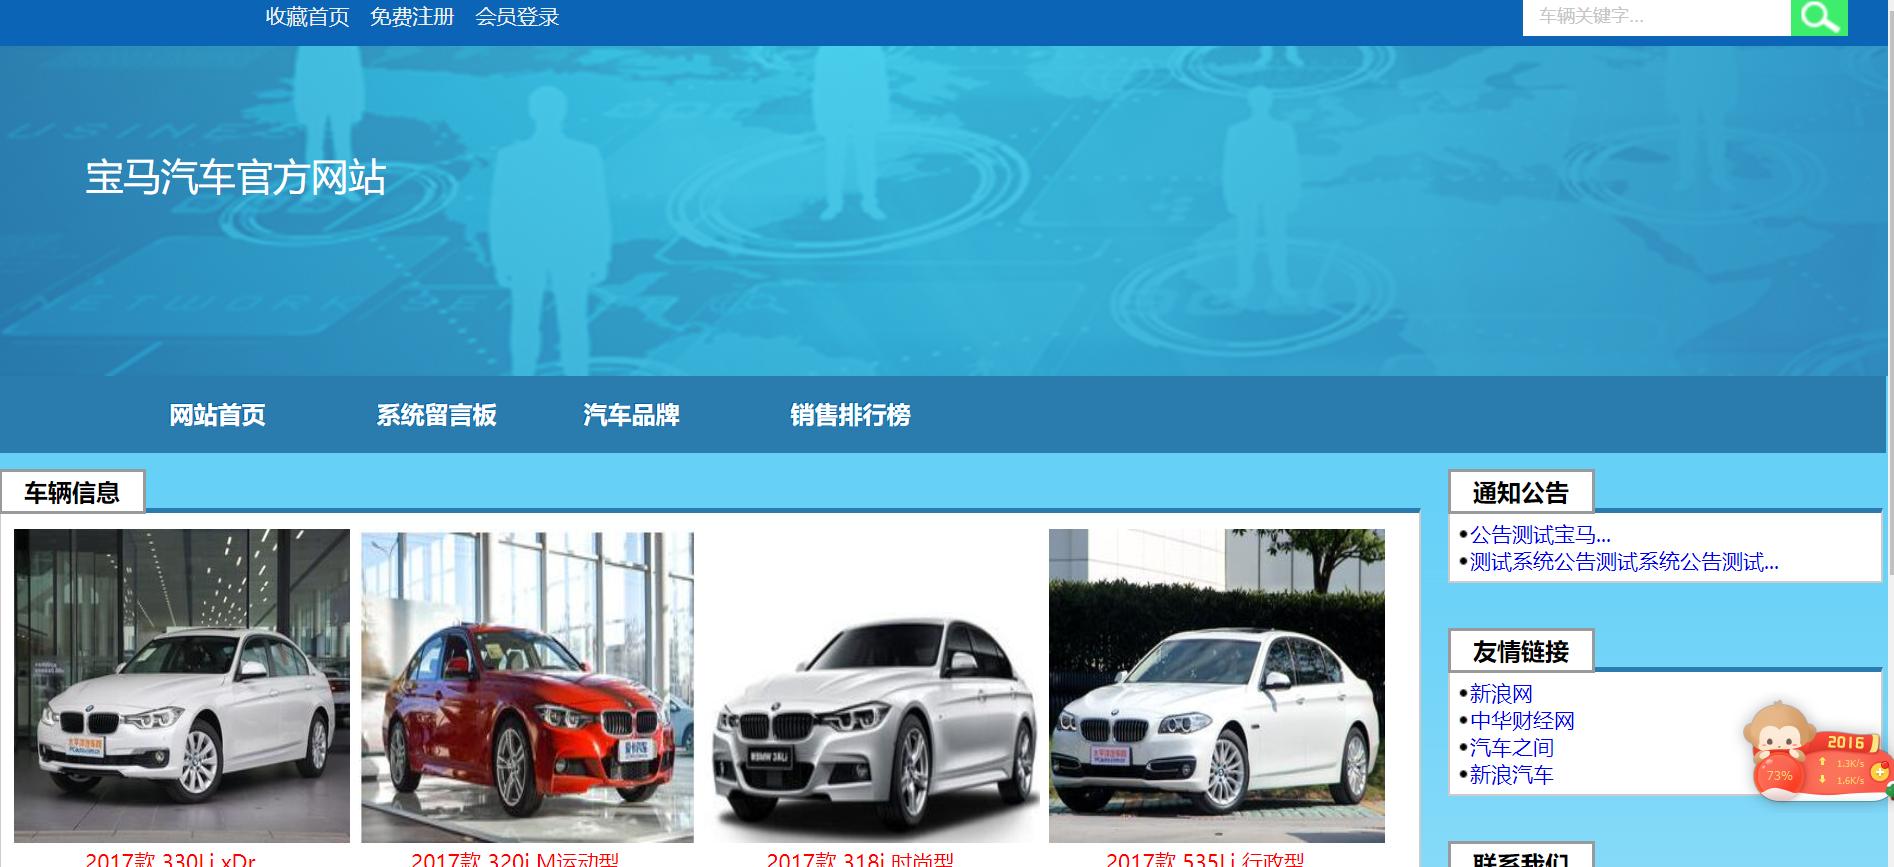 基于SSH的宝马车销售网站